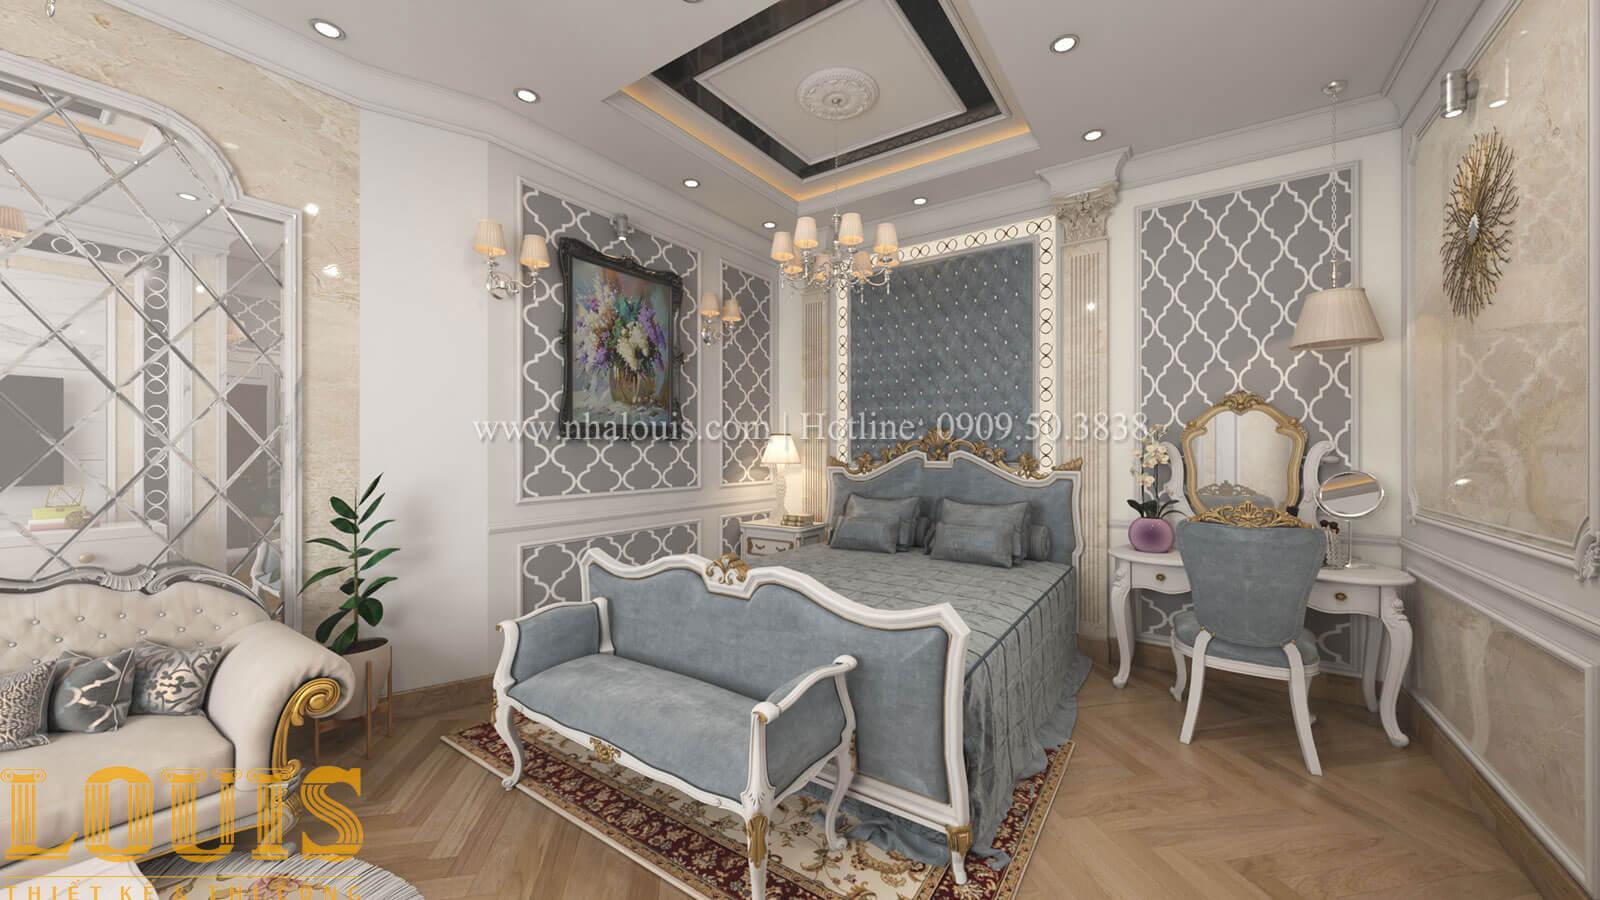 Phòng ngủ master Mẫu nhà 5 tầng đẹp hiện đại với thiết kế tối giản tại Tân Bình - 22